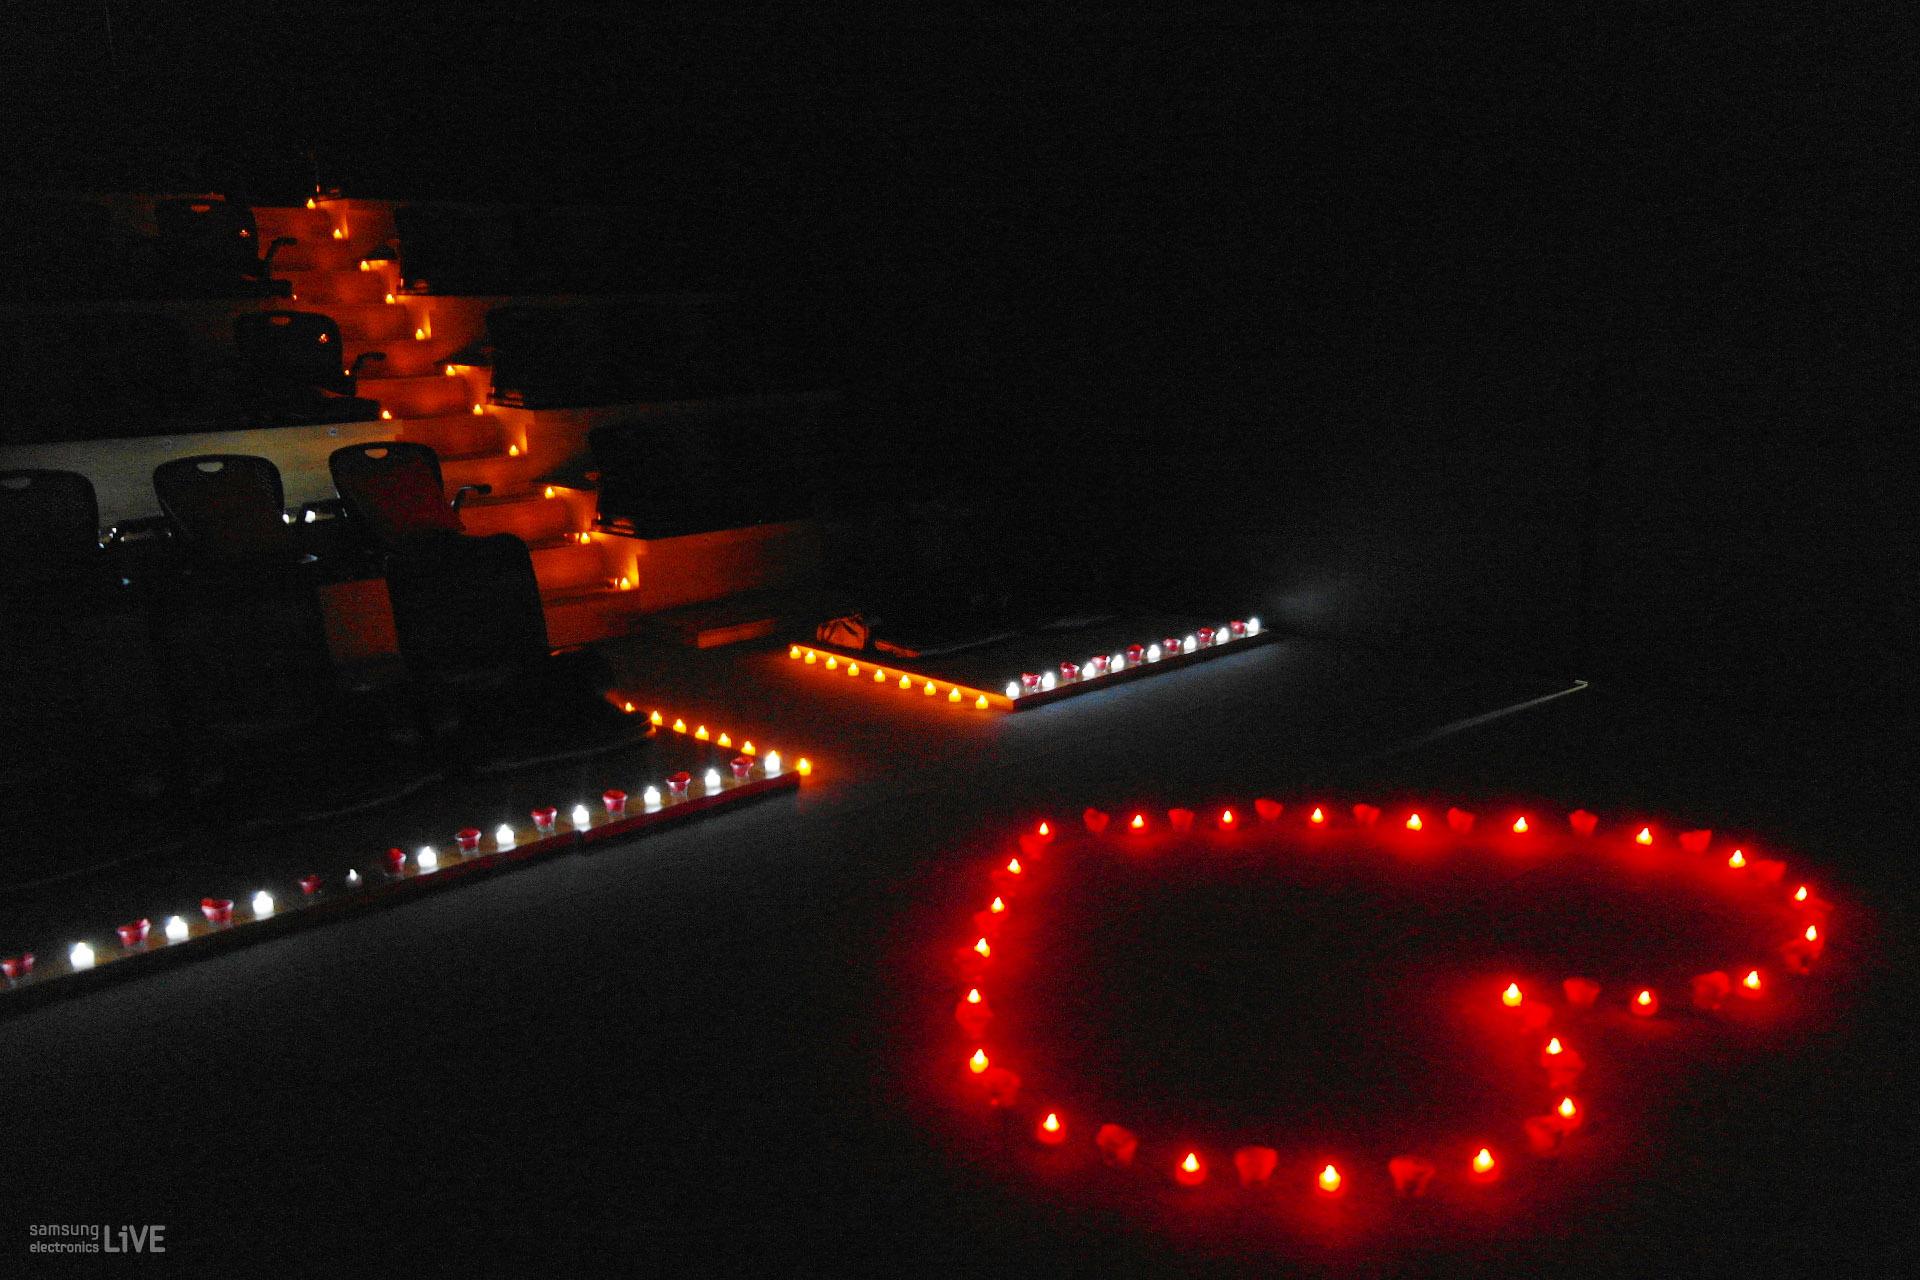 어두운 공간에 하트 촛불이 켜져있다.